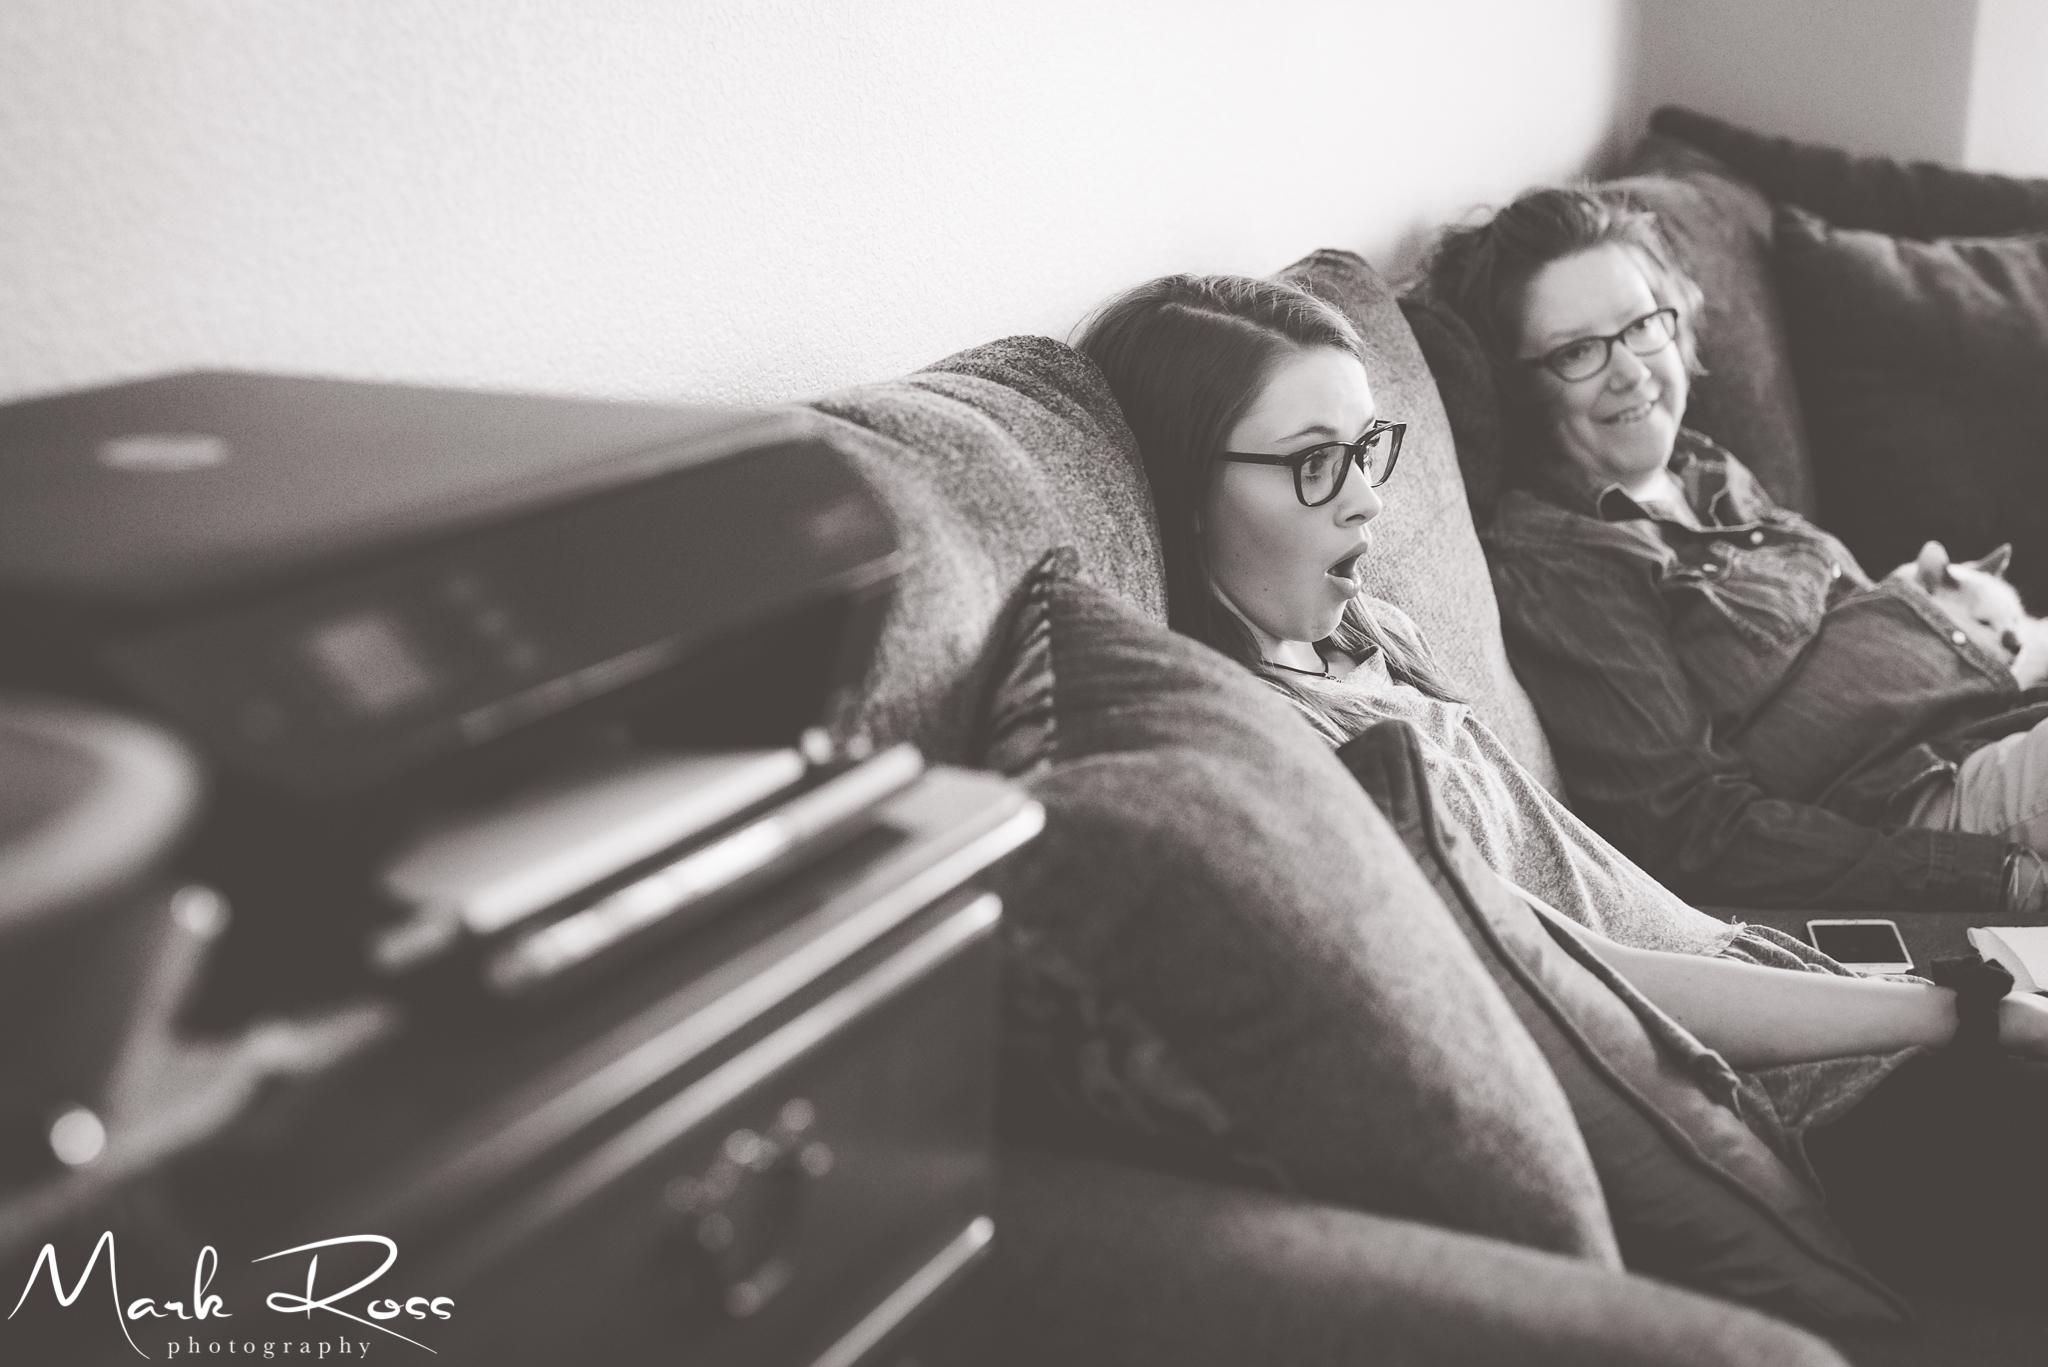 Denver-Family-Photographer-Mark-Ross-Photographer-Ahlstrand-Family-Watermarked-17.jpg